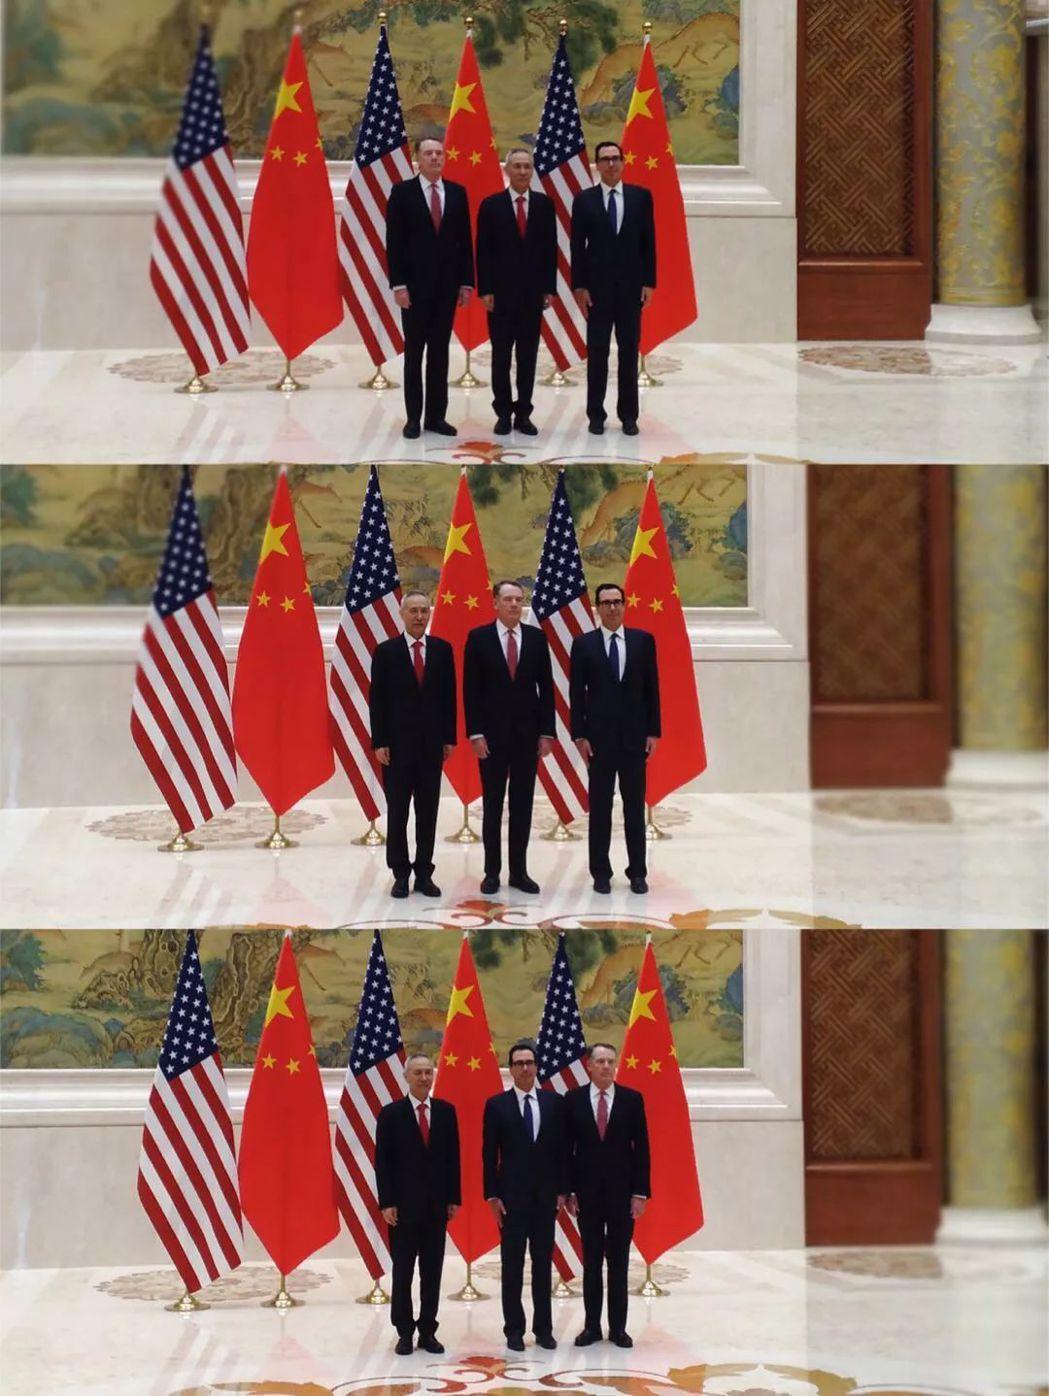 新一輪中美經貿高級別磋商14日上午在北京登場,但雙方代表合照卻得拍三次。據稱,這...